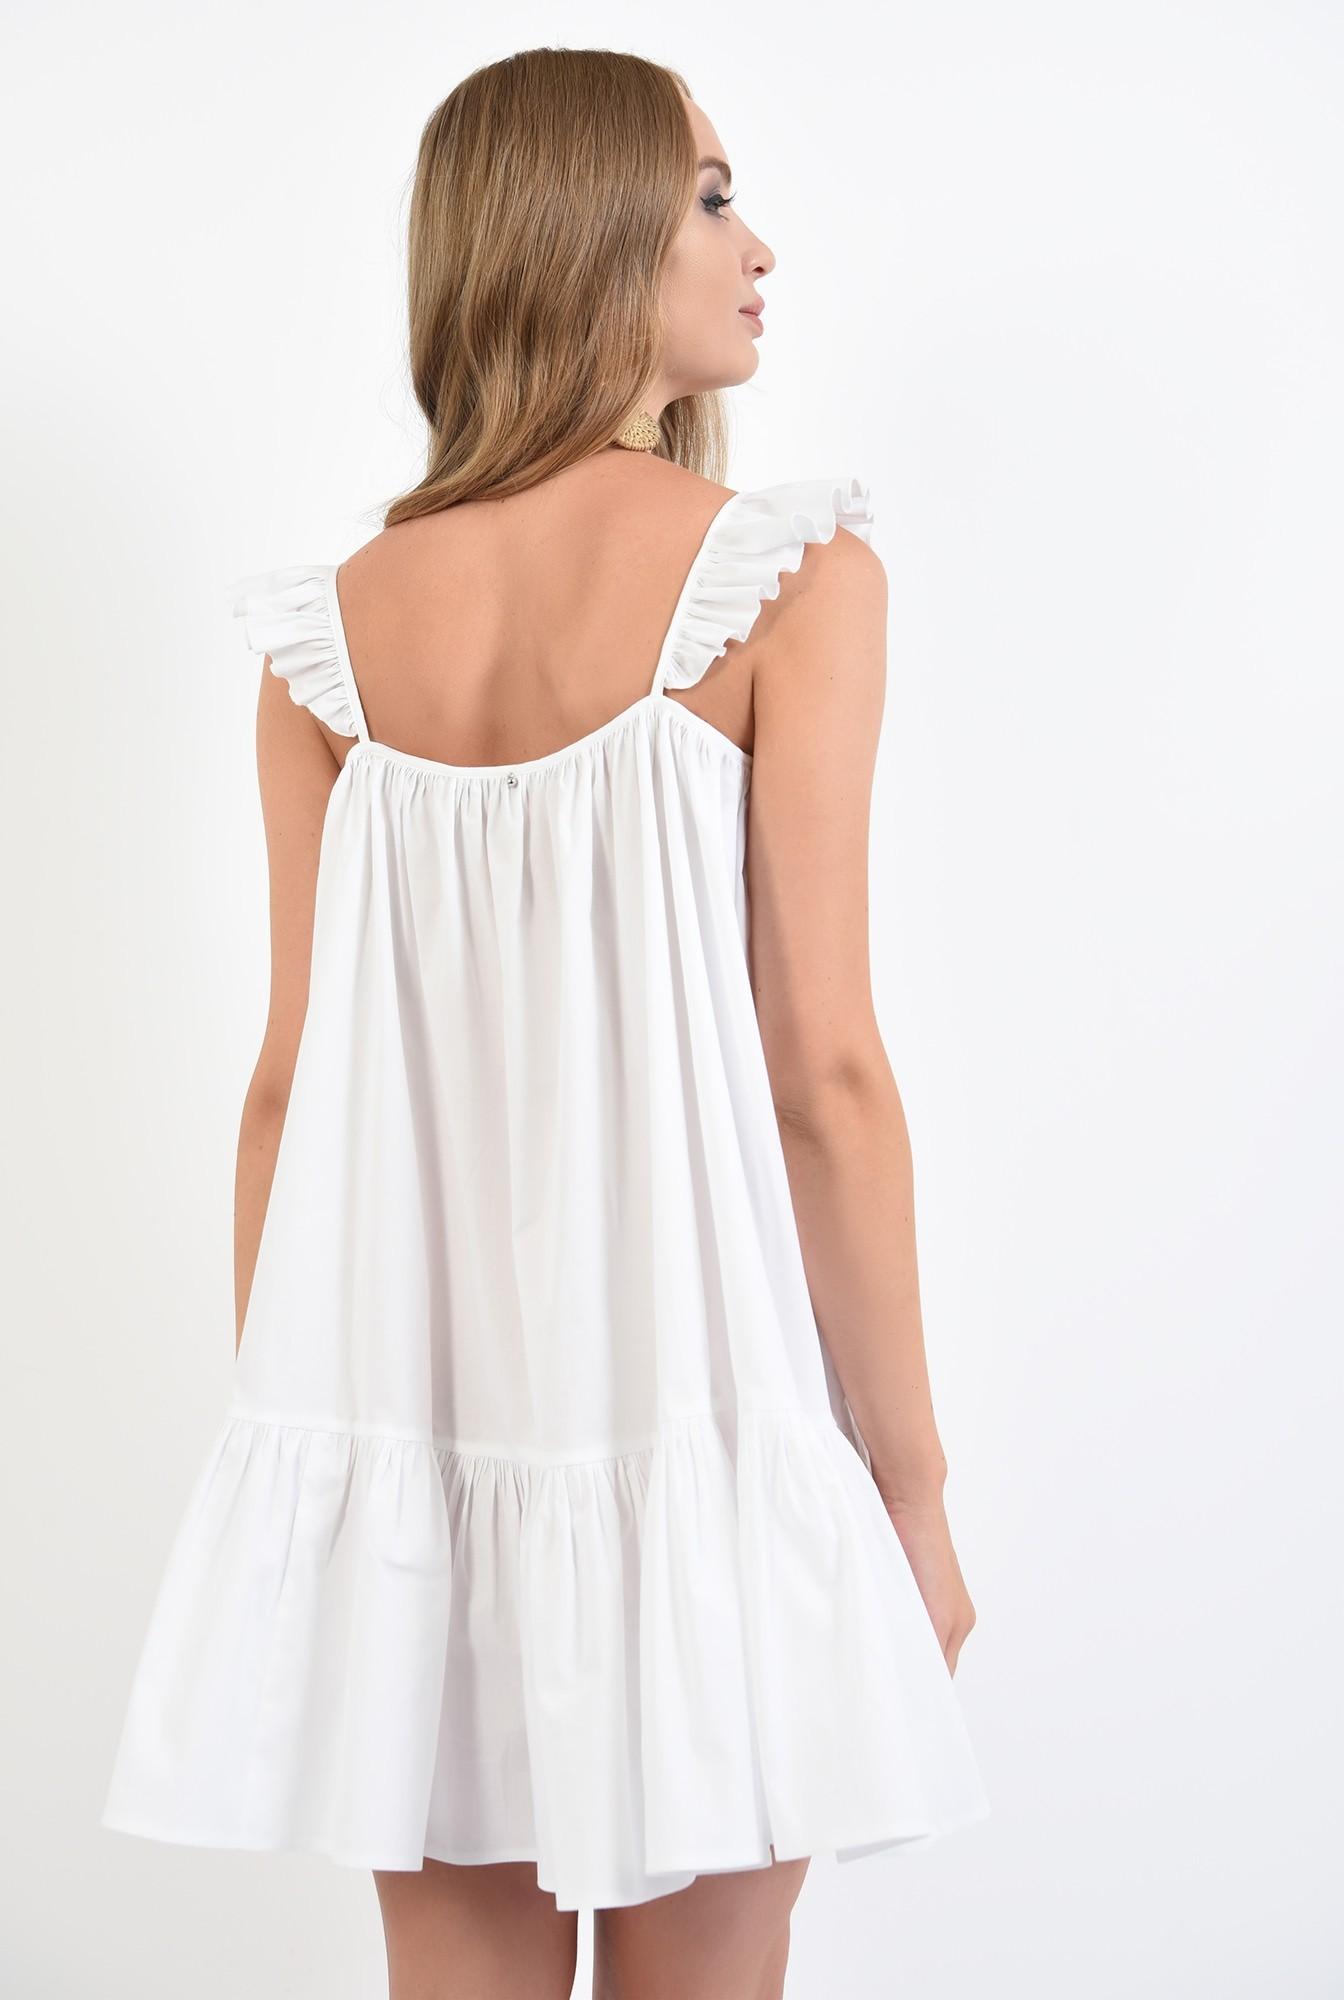 1 - 360 - rochie de vara, alba, cu volan, cu bretele, mini, Poema